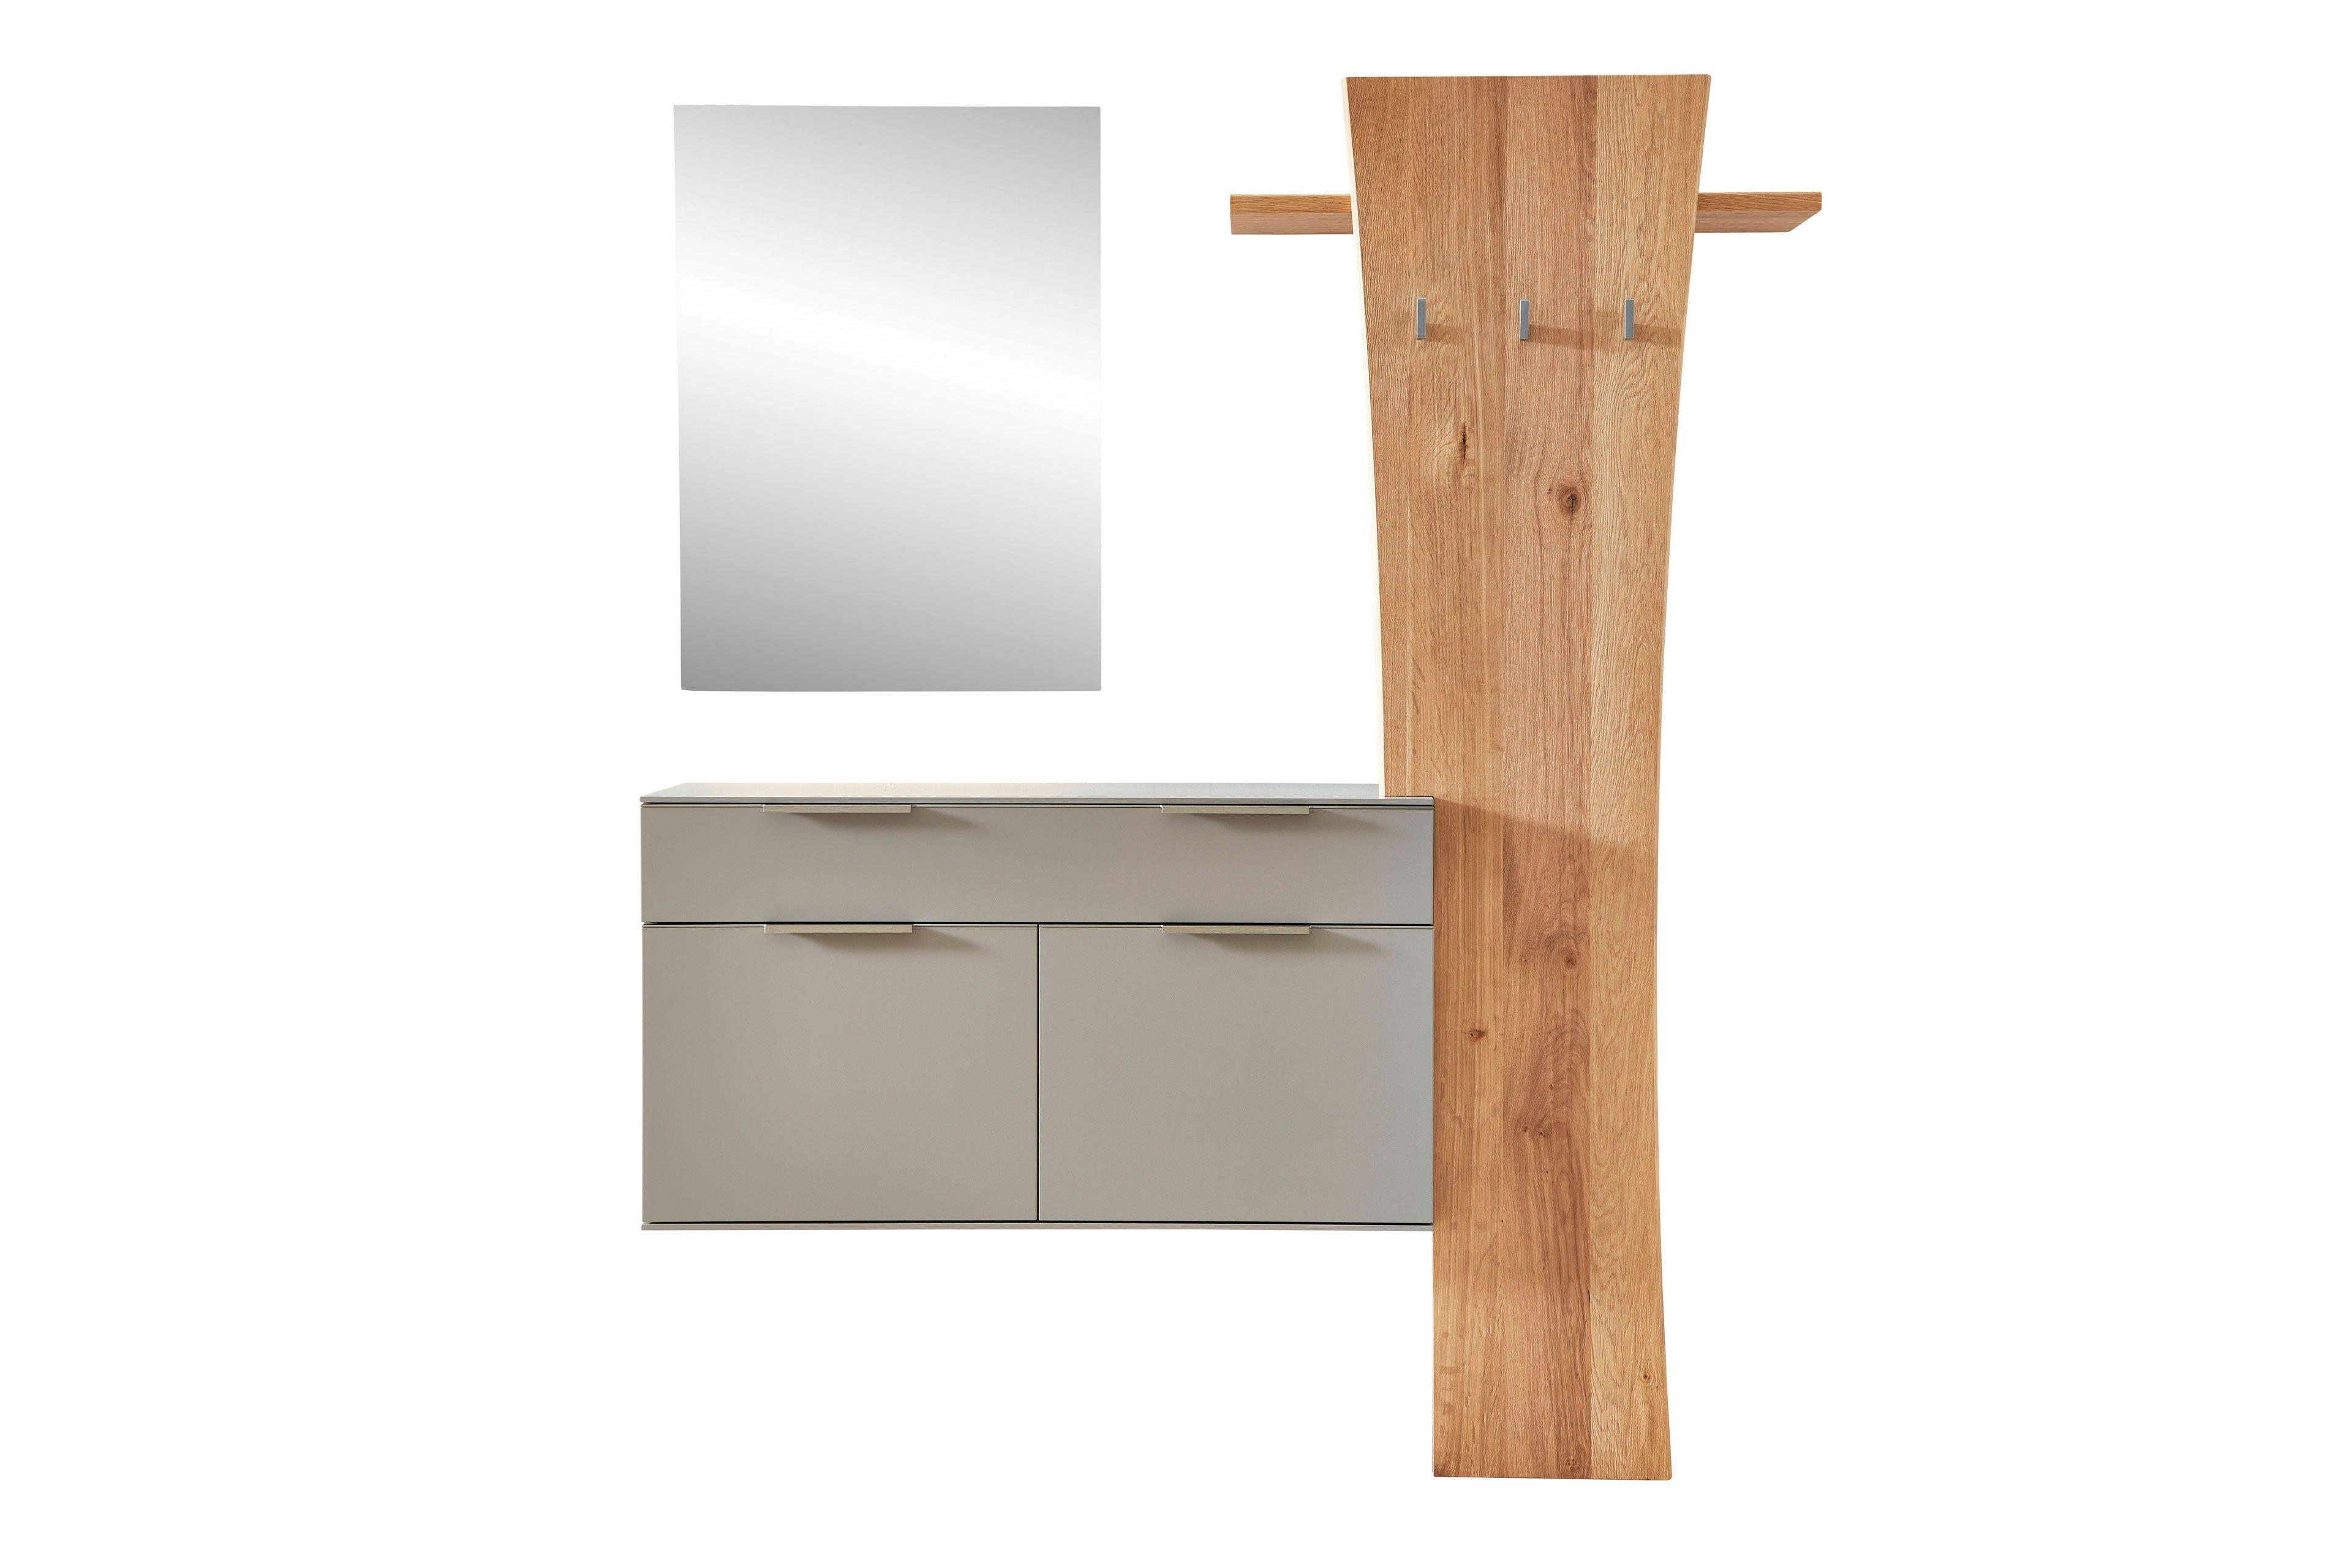 leinkenjost salerno garderobe in fango balkeneiche m bel letz ihr online shop. Black Bedroom Furniture Sets. Home Design Ideas